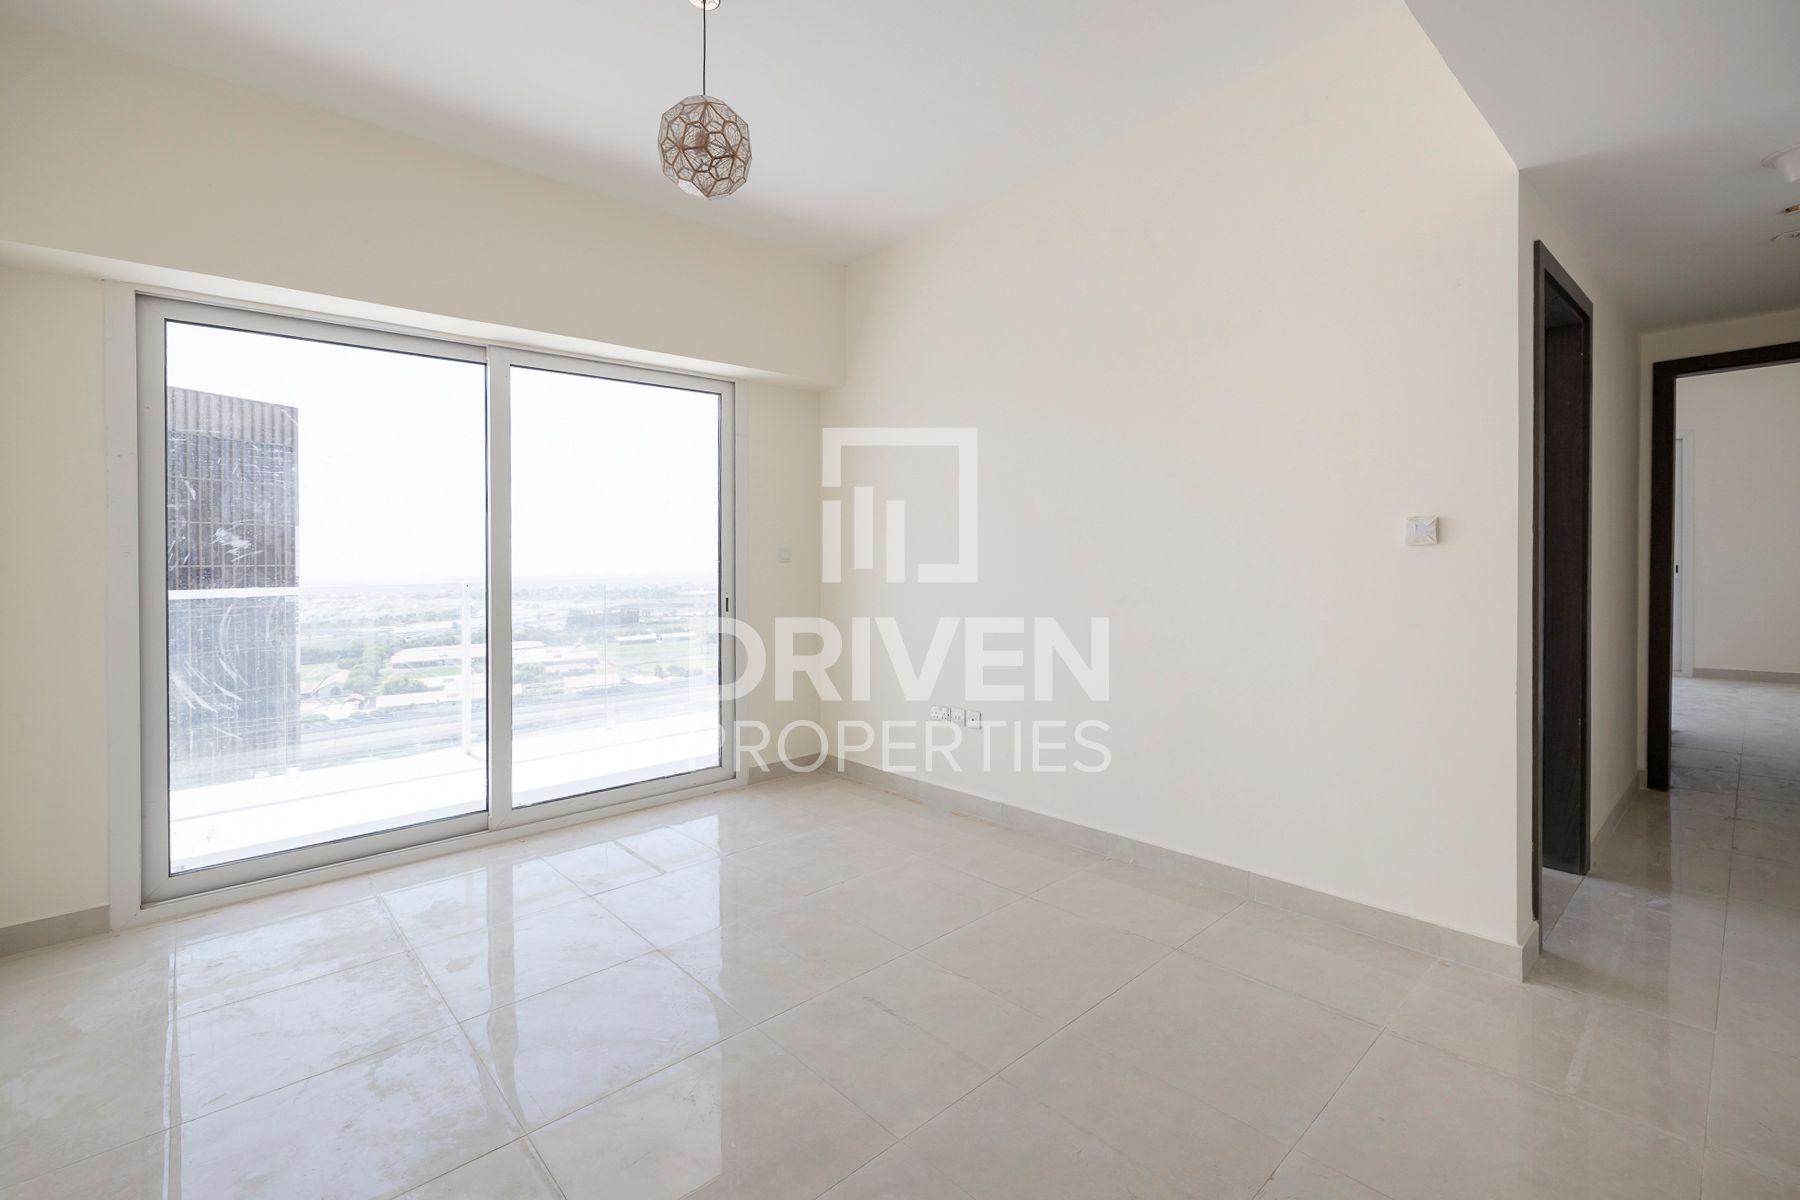 للبيع - شقة - AG برج - الخليج التجاري